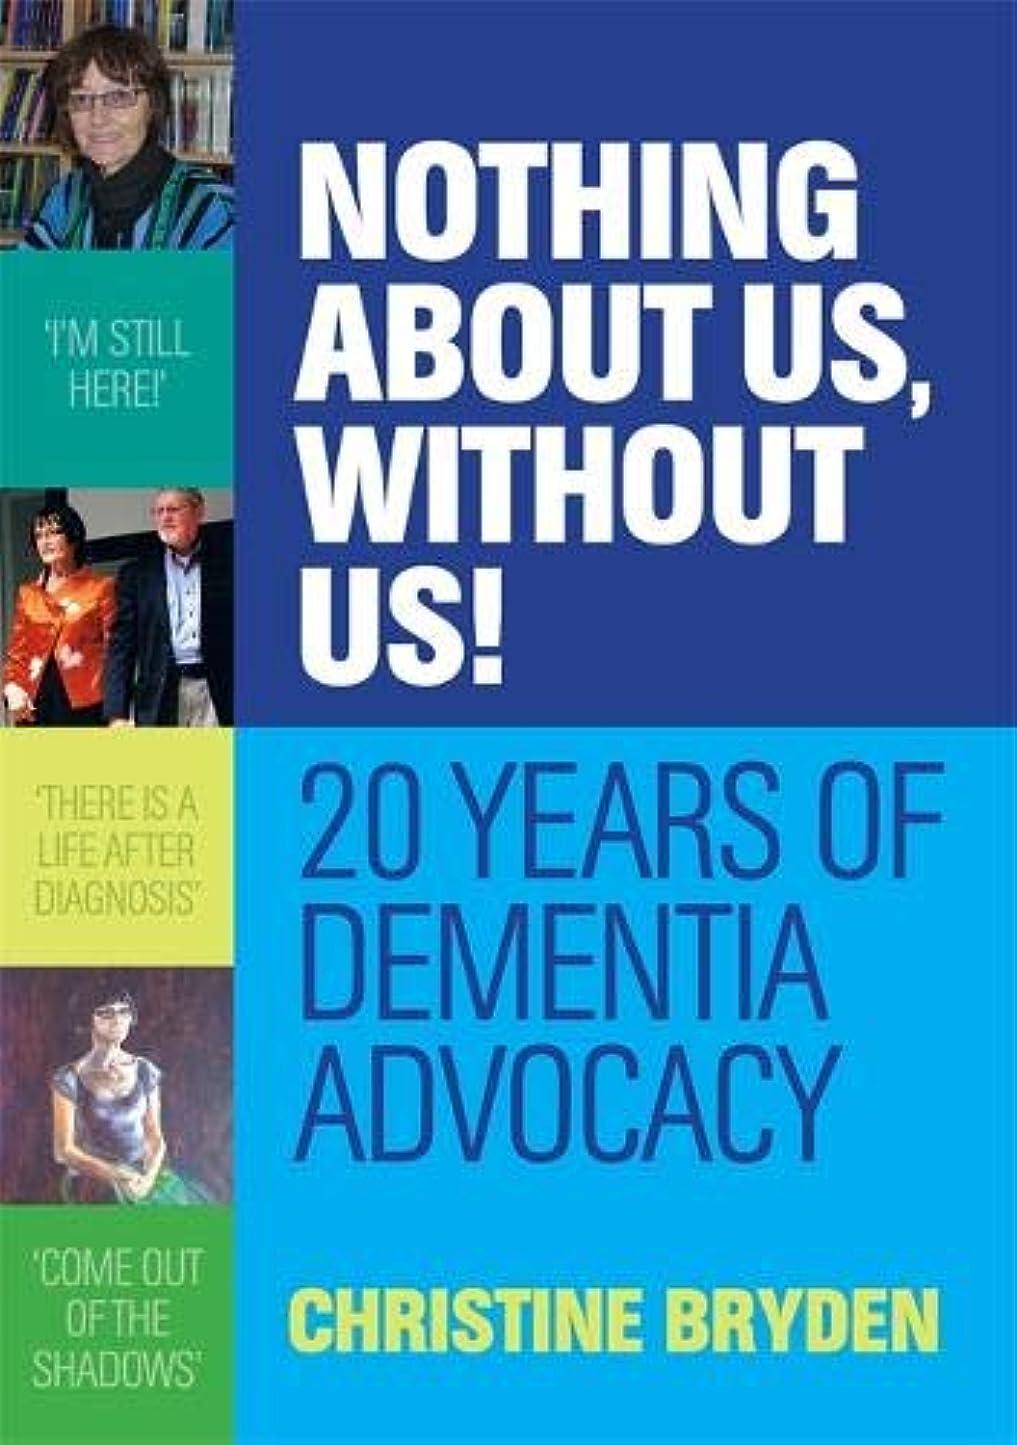 船上気まぐれな重要な役割を果たす、中心的な手段となるNothing About Us, Without Us!: 20 Years of Dementia Advocacy